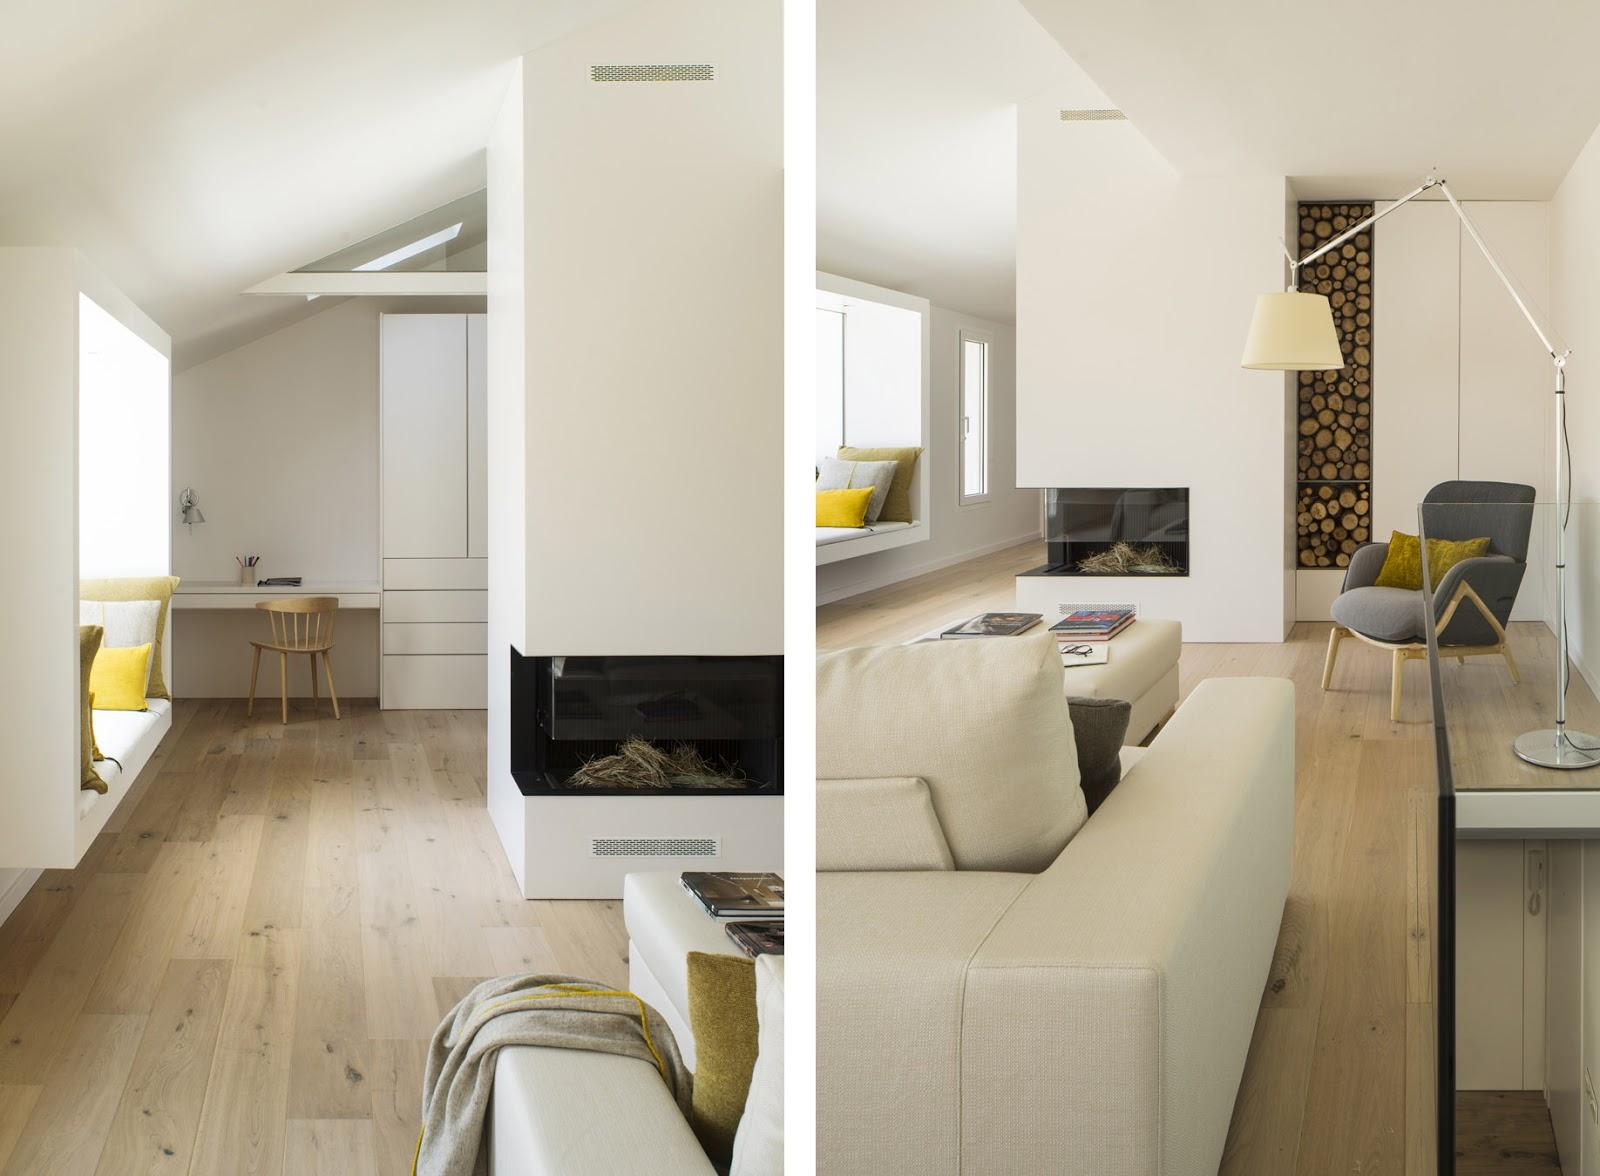 Maison de vacances a barcellona con colori chiari ed - Colori interno casa ...